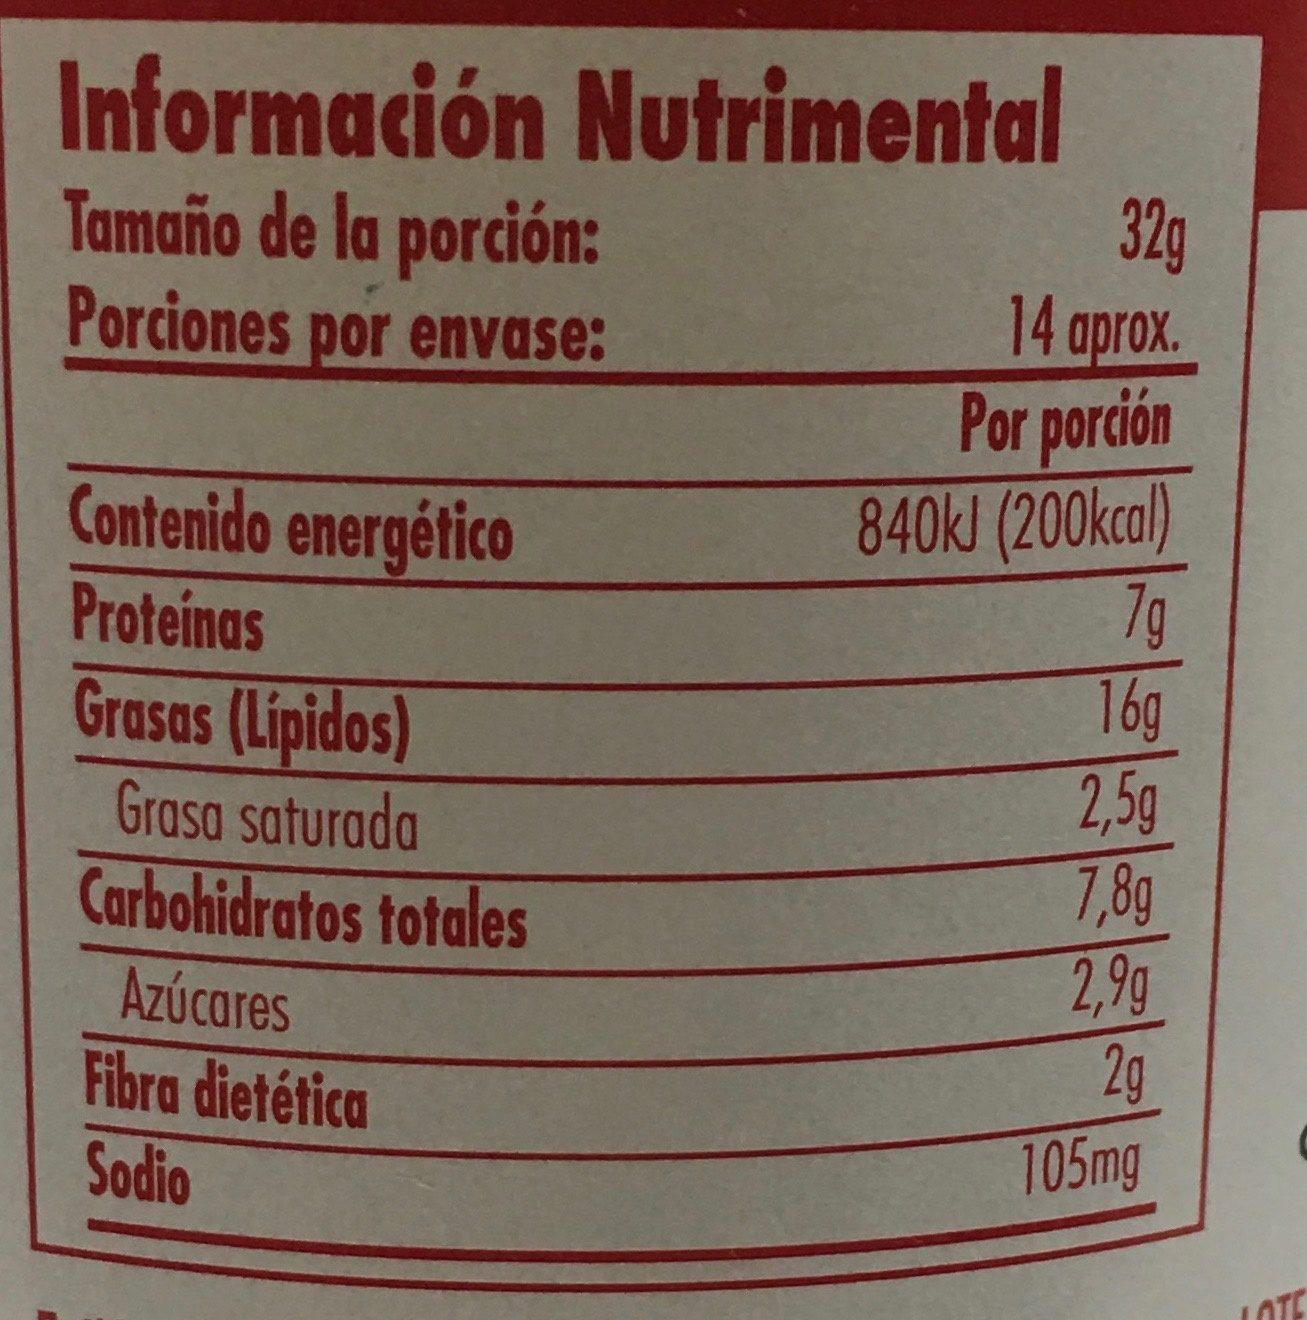 JIF crema de cacahuate con trocitos extra crujiente - Nutrition facts - es